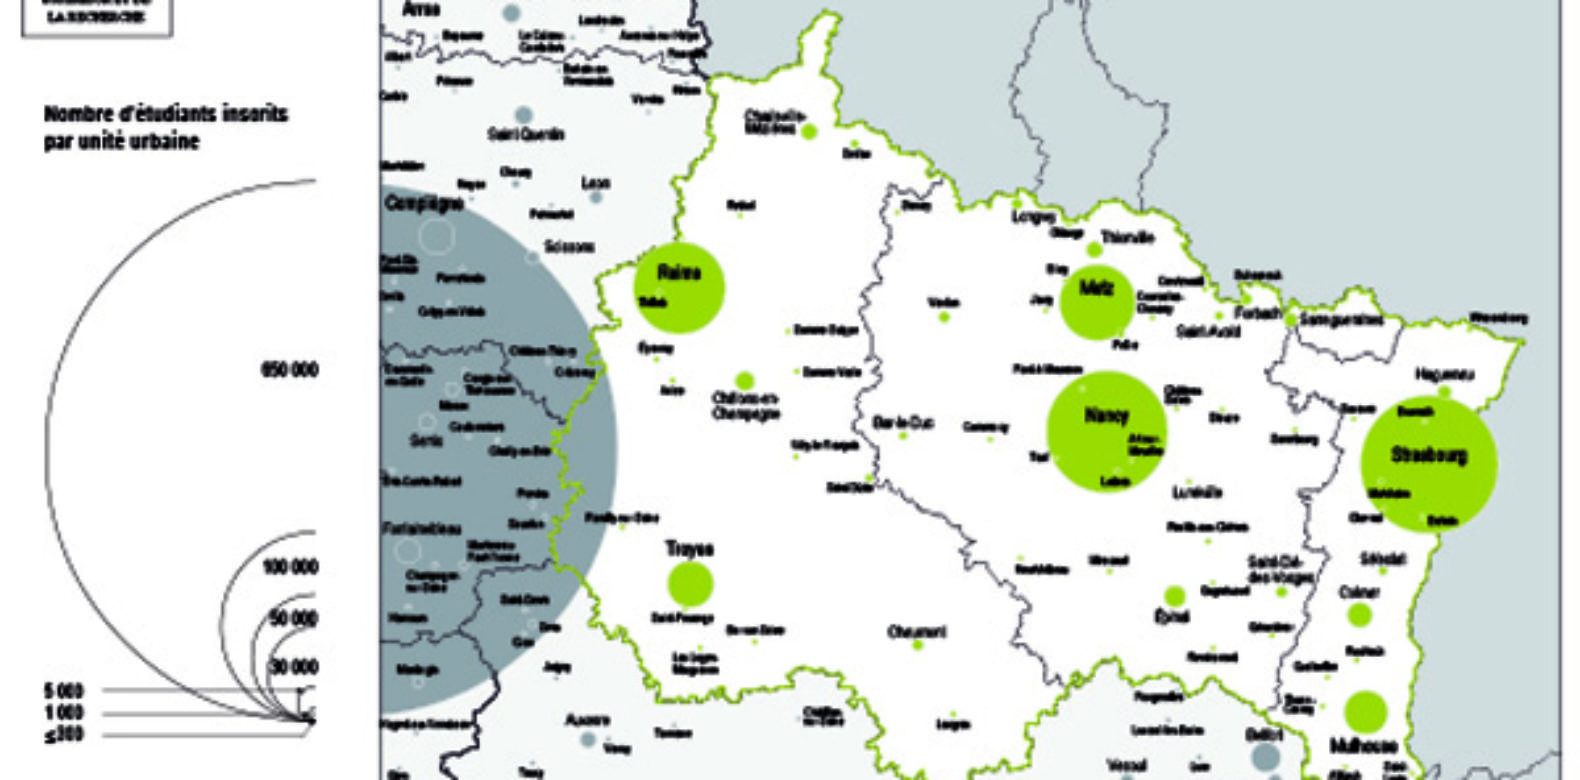 Enseignement supérieur, recherche et innovation : des facteurs clefs du développement des territoires